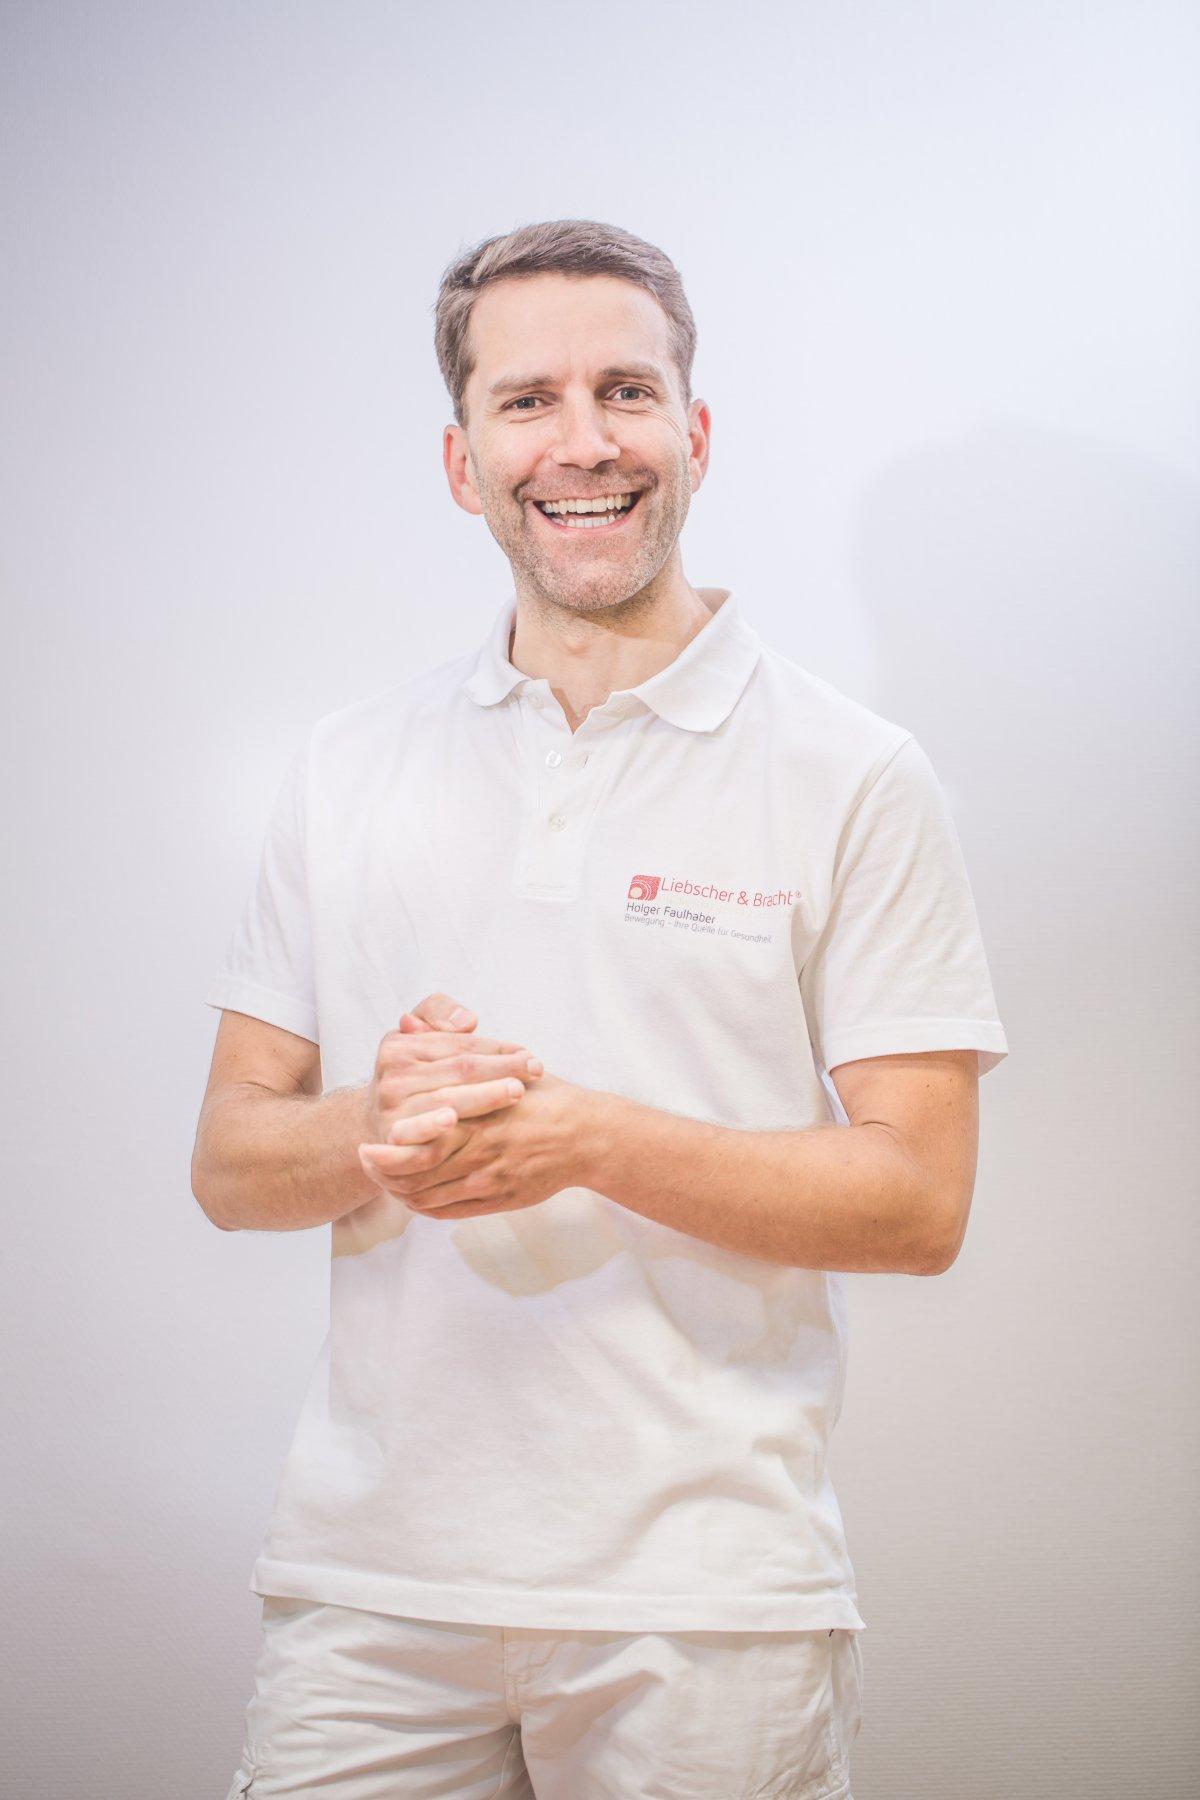 Schmerzspezialist Holger Faulhaber aus 78628 Rottweil steht sympathisch vor einer weißen Wand. Er trägt weiße Kleidung und das Liebscher & Bracht Polo T-Shirt. Er hat hellere braune Haare.